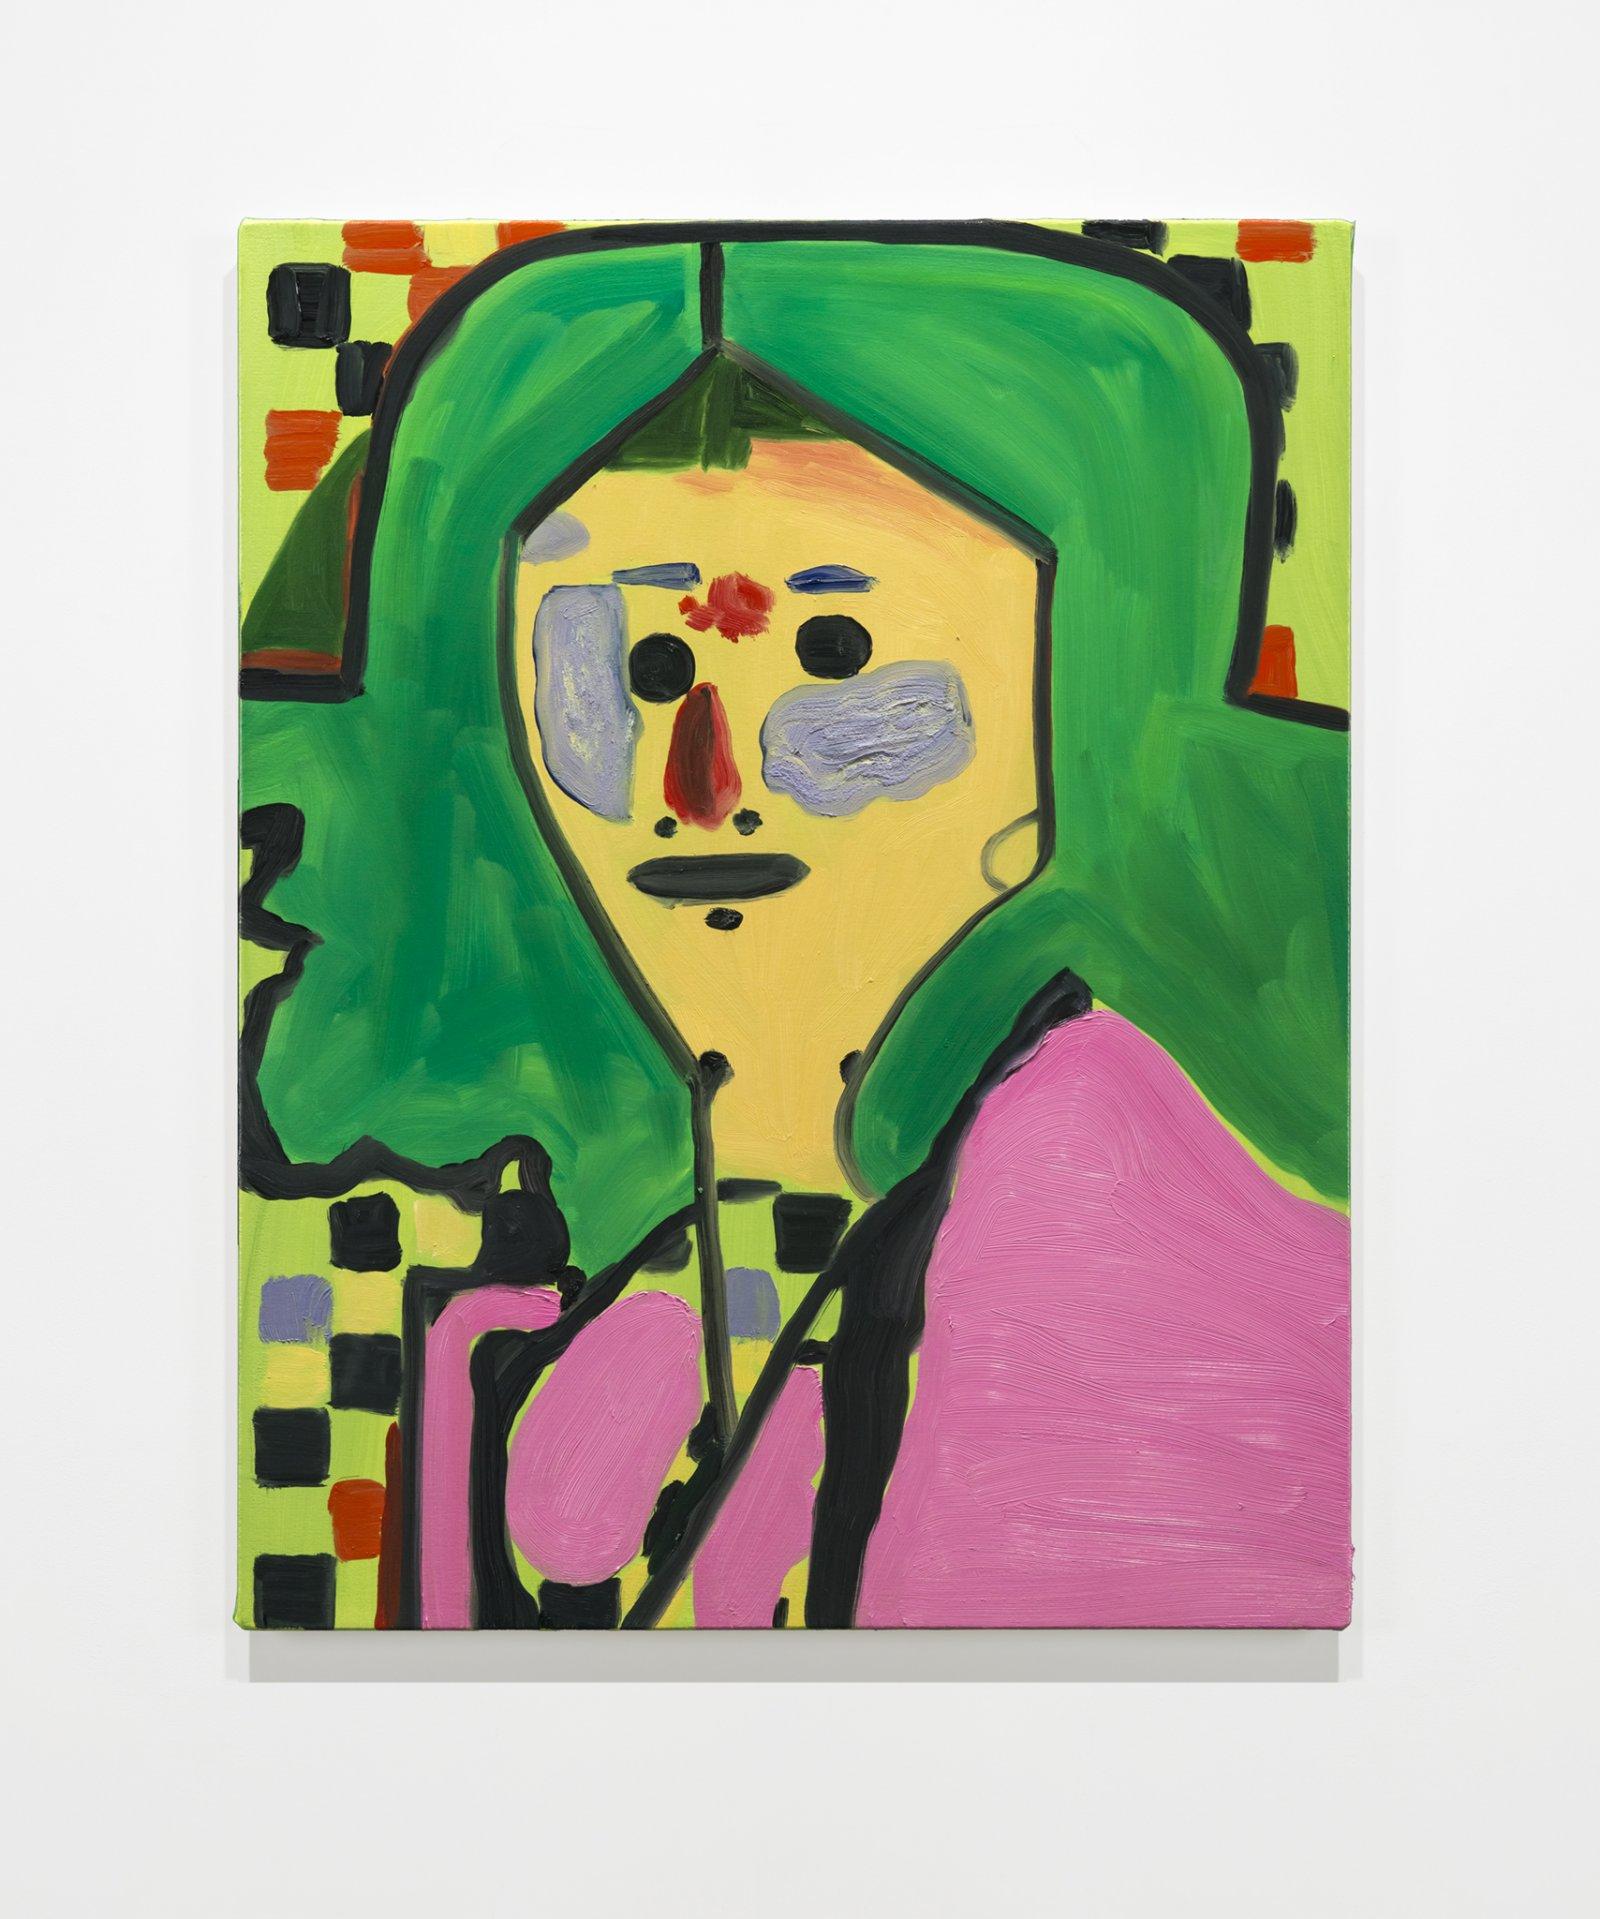 Elizabeth McIntosh, Raggedy Anne, 2019, oil on canvas, 28 x 22 in. (71 x 56 cm) by Elizabeth McIntosh